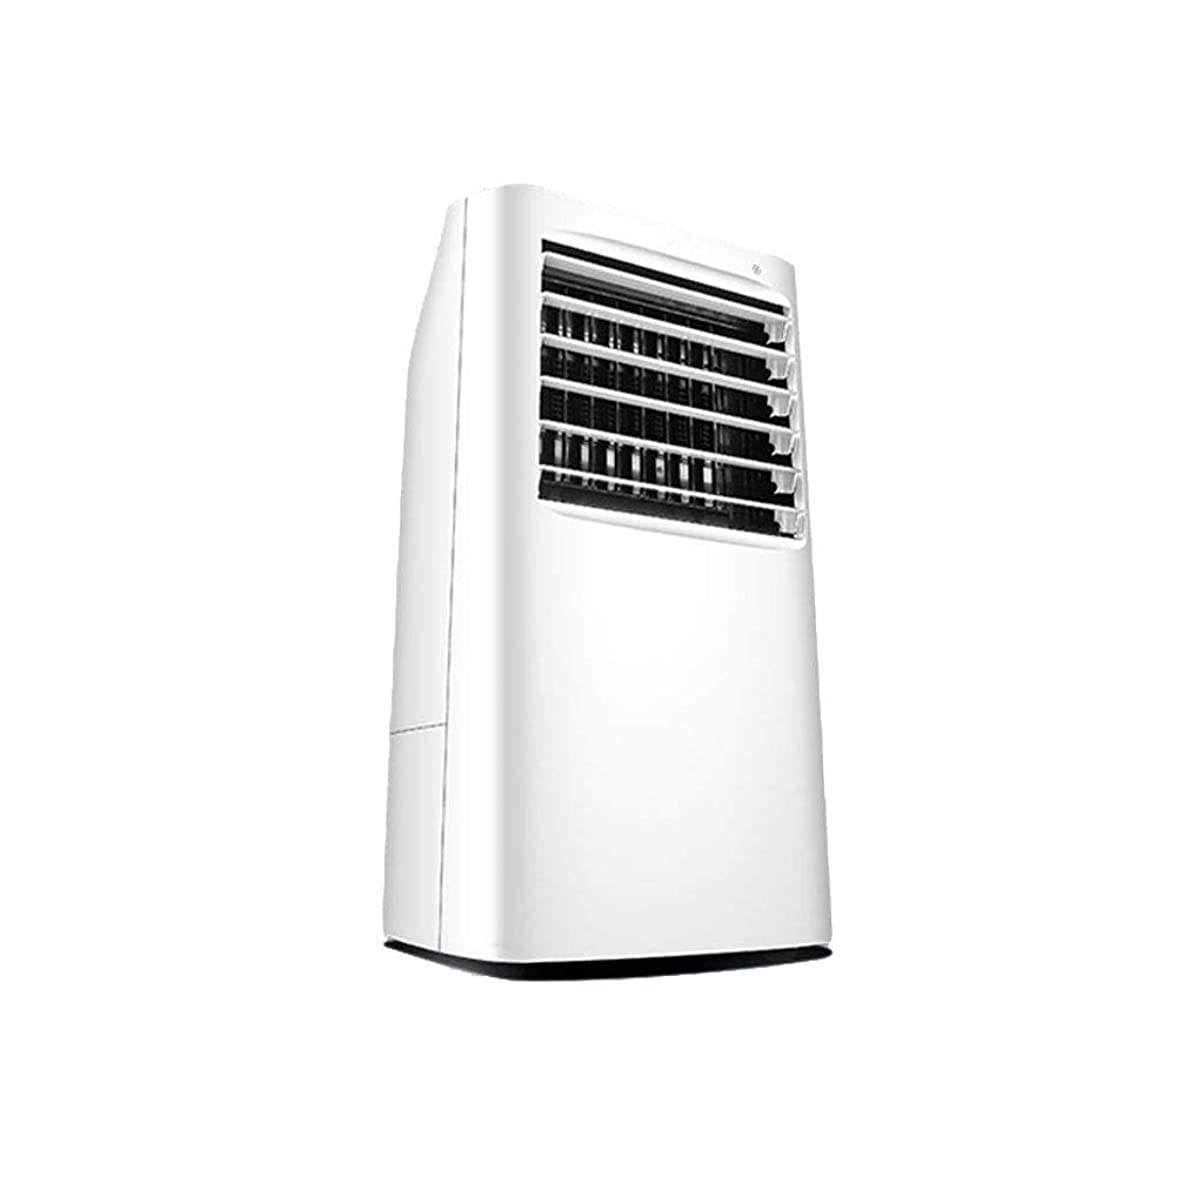 謙虚なパドル沈黙QFLY 4の速度の青い空気クーラー、1の携帯用エアコンの加湿器および空気清浄器の消音器3つ、側面の取水口、広角120°